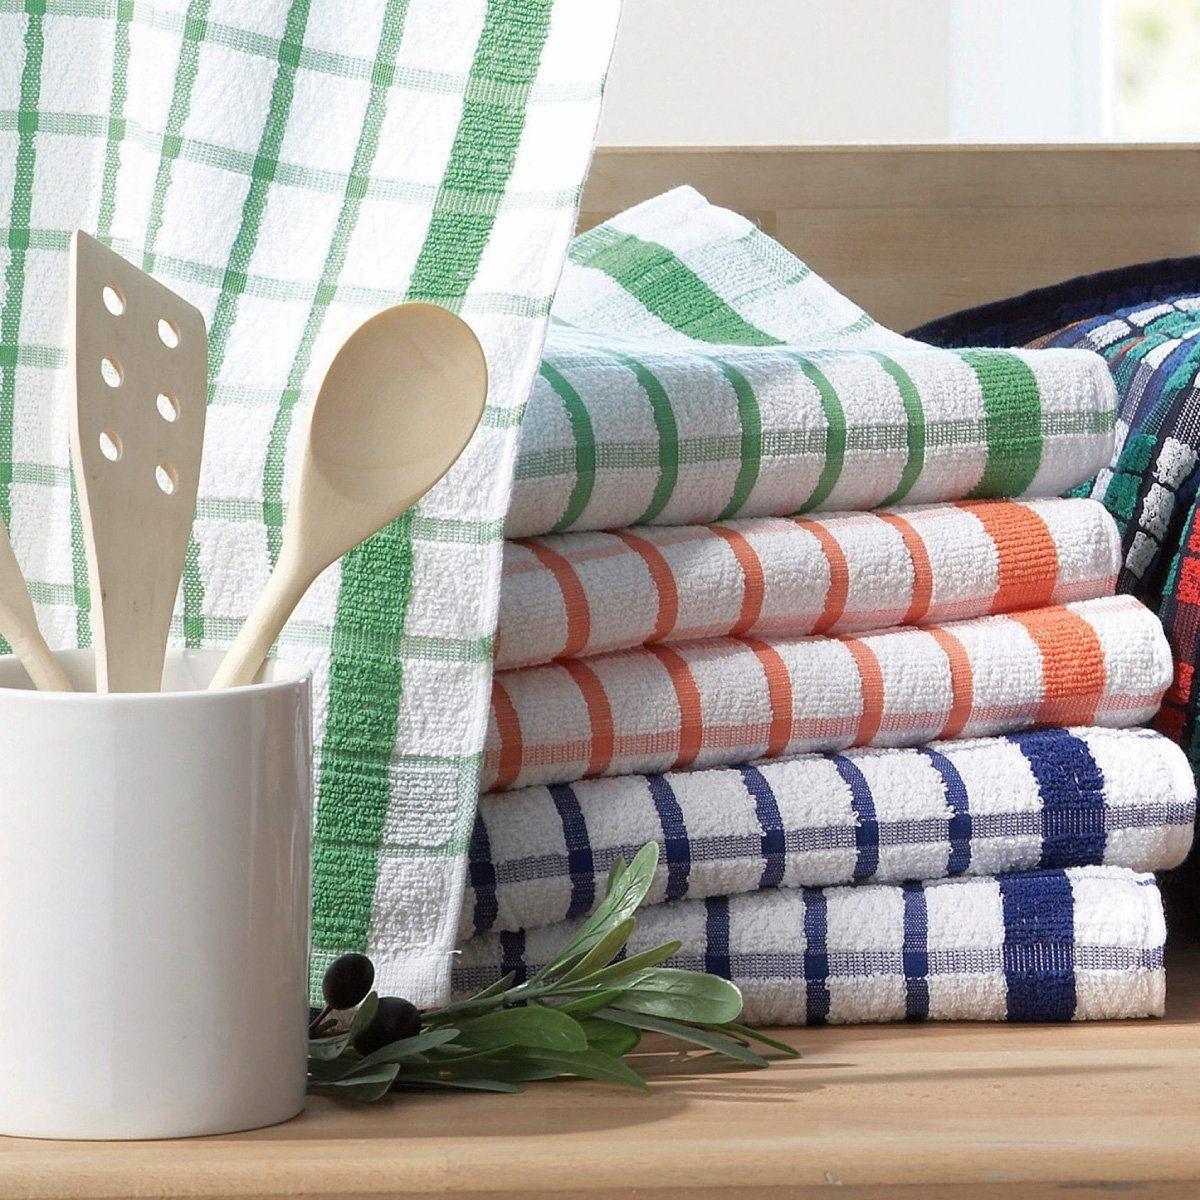 Комплект полотенец кухонныхХарактеристики:- Впитывающие полотенца, 100% хлопка. - В клетку.Стирка при 60°.- Размеры: 50 x 80 см.6 или 12 штук в комплекте.!<br><br>Цвет: зеленый + оранжевый + синий<br>Размер: комплект из 6.комплект из 12